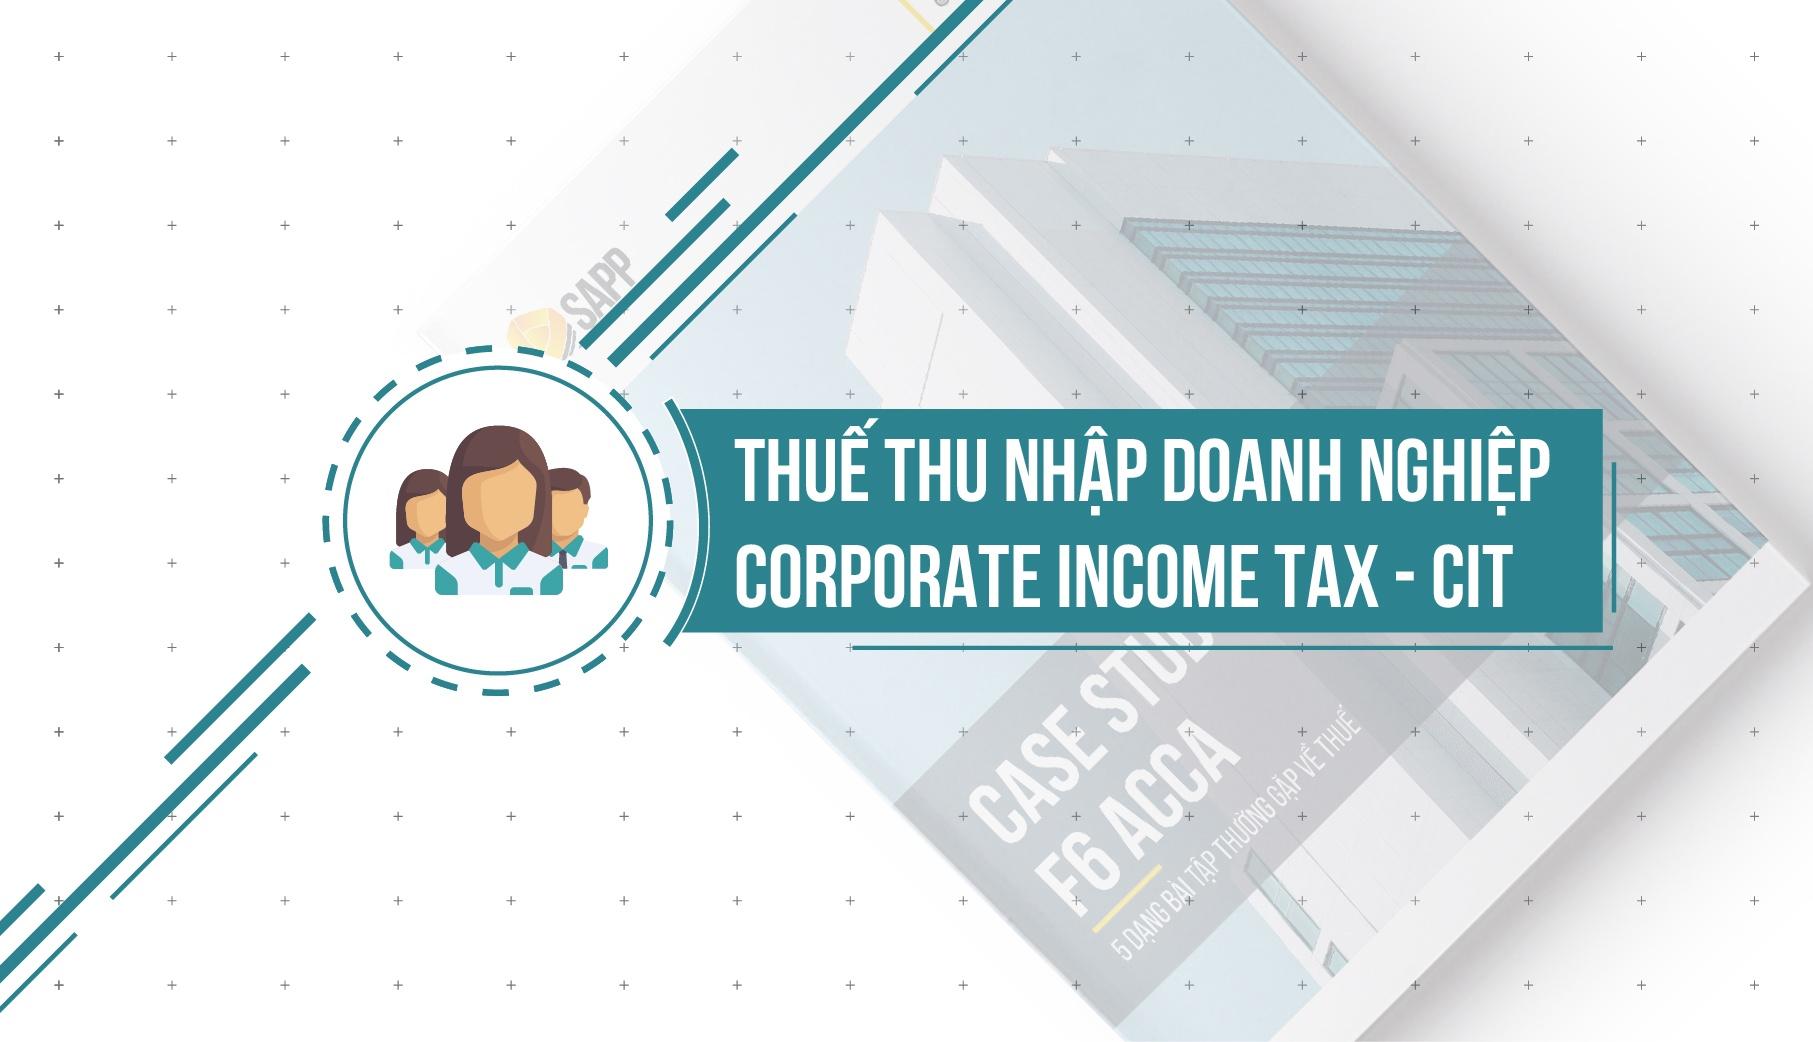 Tìm Hiểu Về Thuế Thu Nhập Doanh Nghiệp Trong Môn F6 ACCA – Corporate Income Tax (CIT)